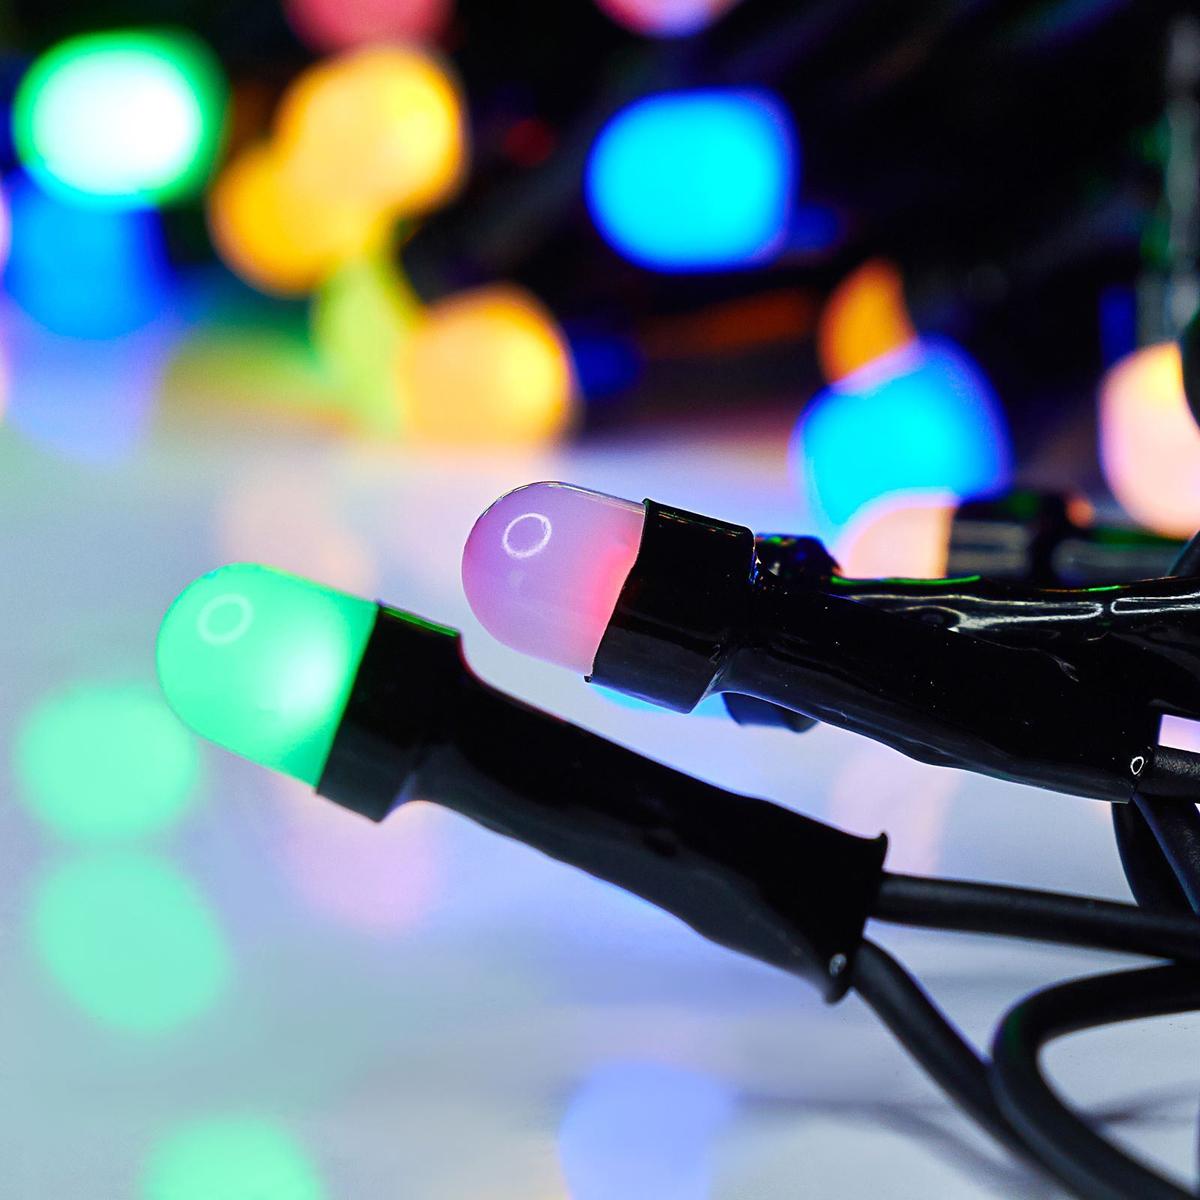 Гирлянда Luazon Метраж, длина 20 м, LED 200 ламп, 220V, цвет: мультиколор. 10805701080570Светодиодные гирлянды, ленты и т.д — это отличный вариант для новогоднего оформления интерьера или фасада. С их помощью помещение любого размера можно превратить в праздничный зал, а внешние элементы зданий, украшенные ими, мгновенно станут напоминать очертания сказочного дворца. Такие украшения создают ауру предвкушения чуда. Деревья, фасады, витрины, окна и арки будто специально созданы, чтобы вы украсили их светящимися нитями.